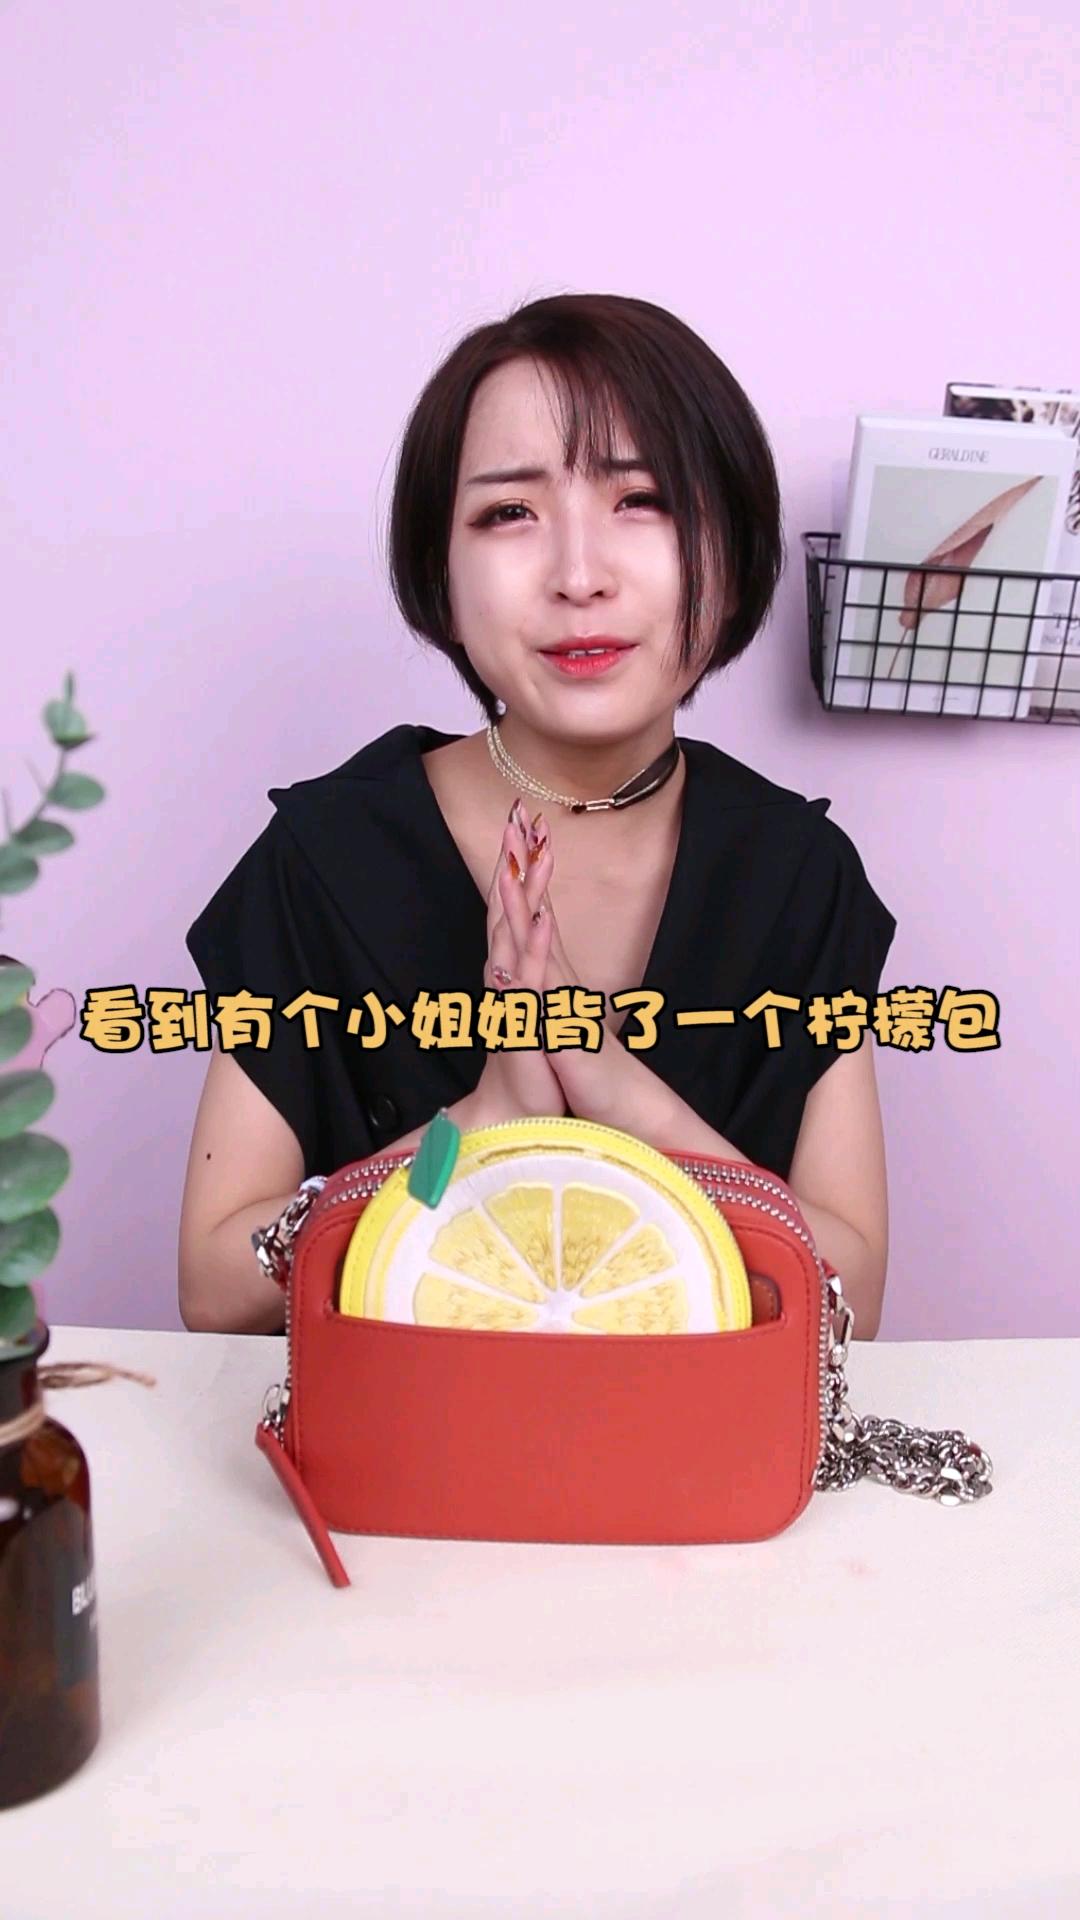 #懒癌女孩一键式穿搭# 评测小ck家的独特柠檬包,听说大家都变成柠檬精女孩子啦。外观是真的很亮眼,背着也很小巧精致,超级适合夏天。